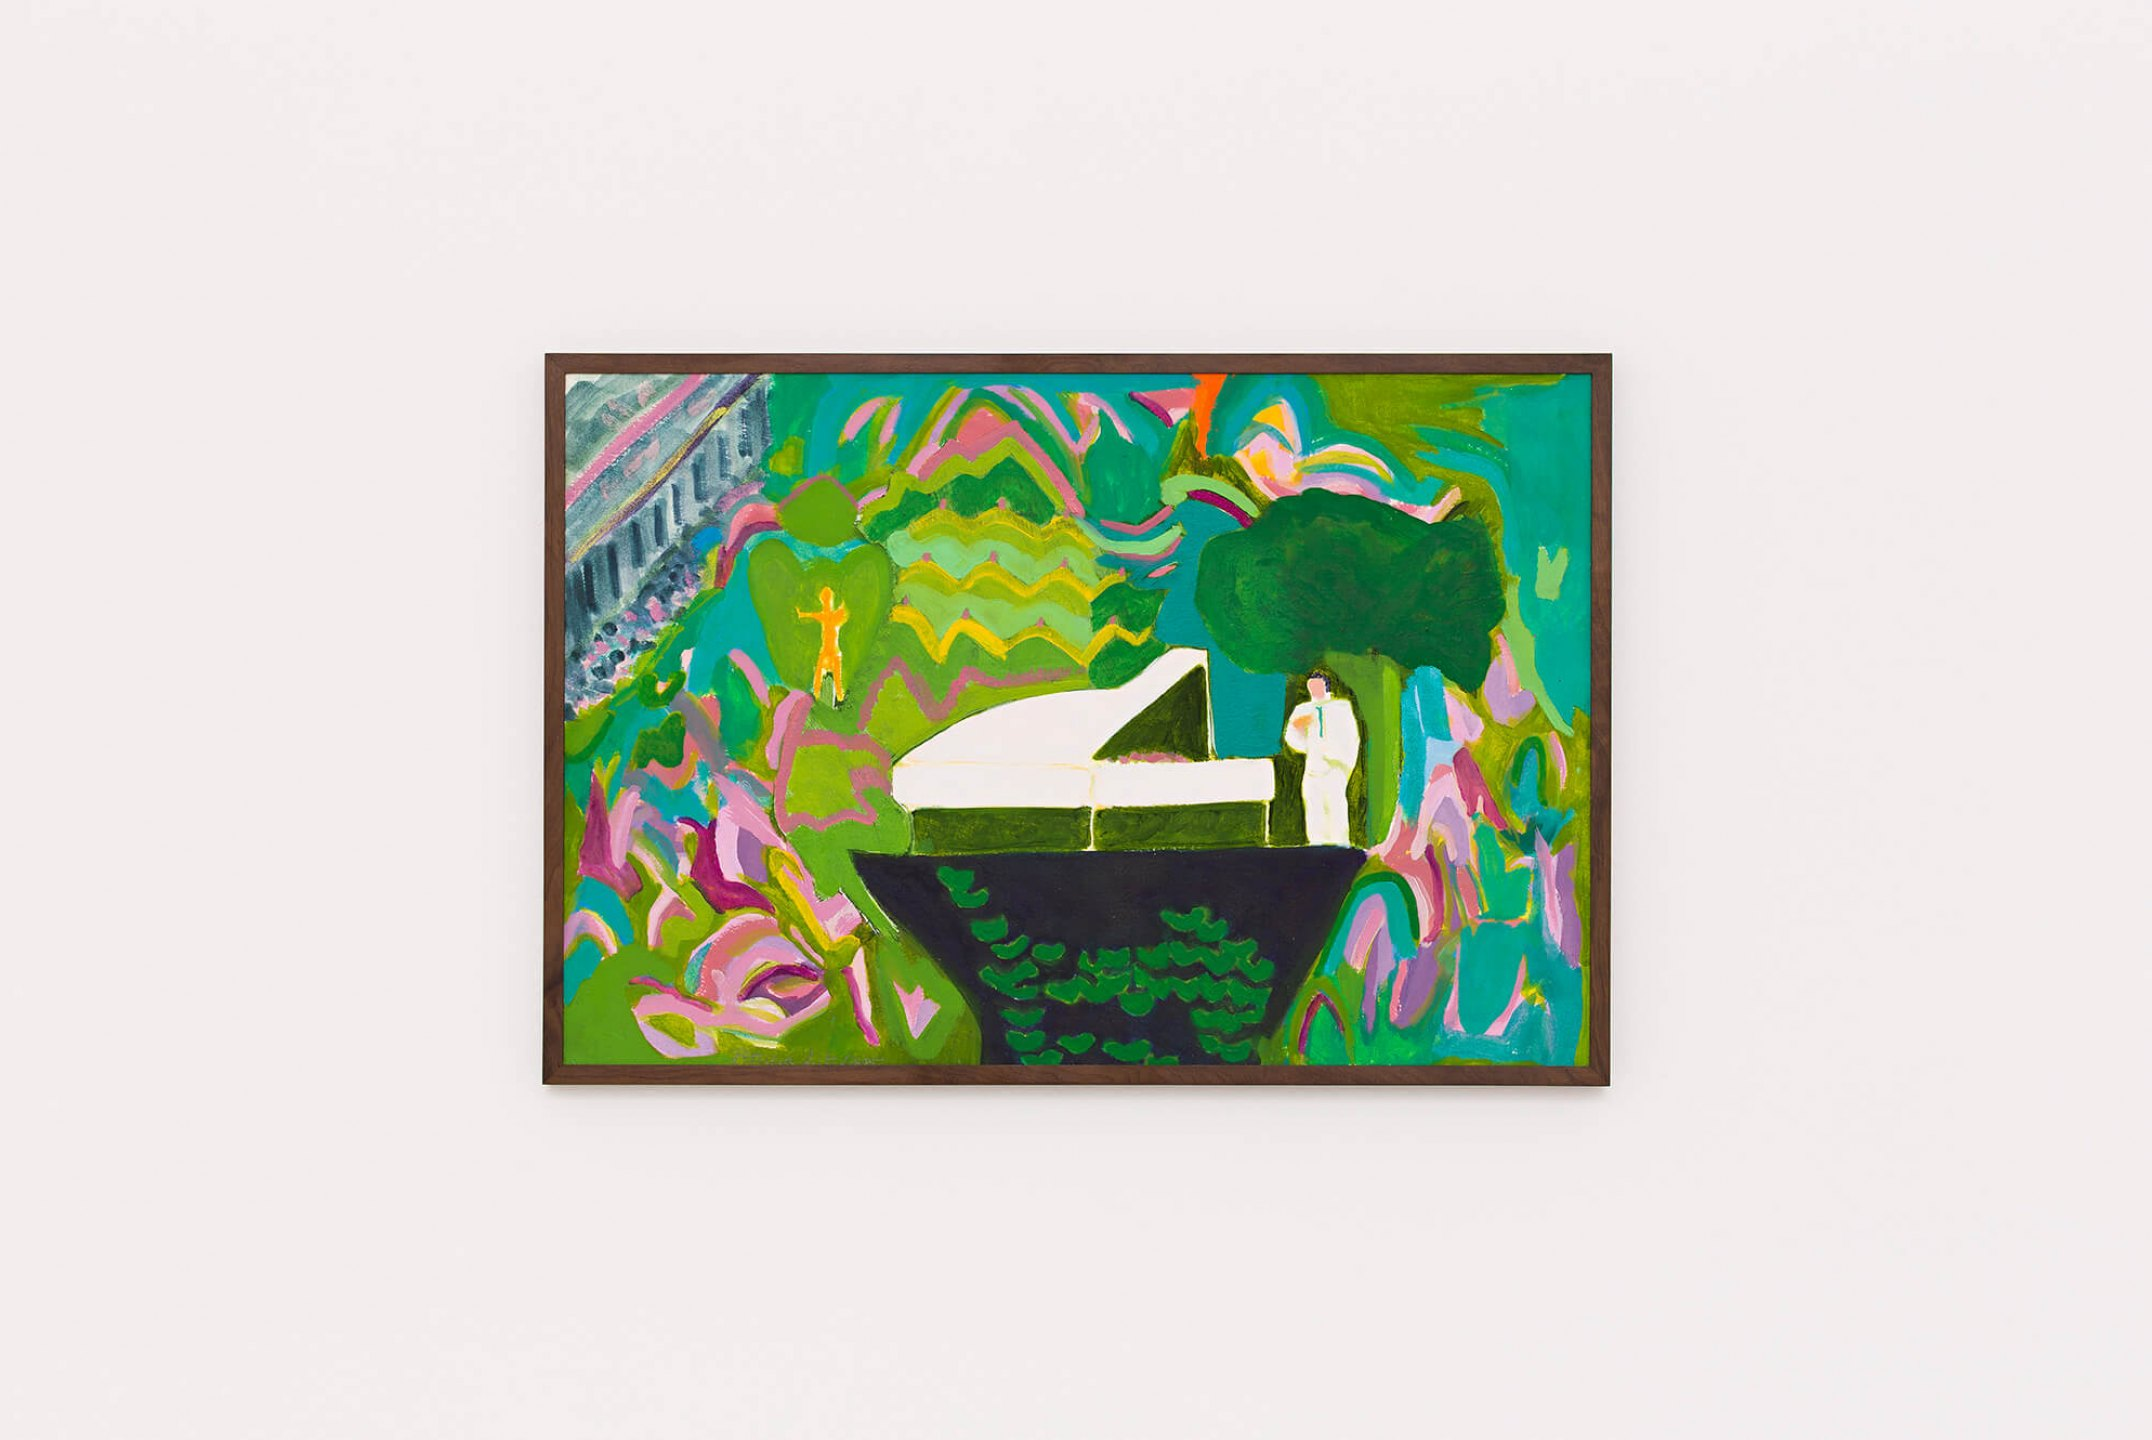 Patricia Leite, <em>Tonzinho,</em>&nbsp;2015, óleo sobre papel, 30 ×&nbsp;40 cm - Mendes Wood DM